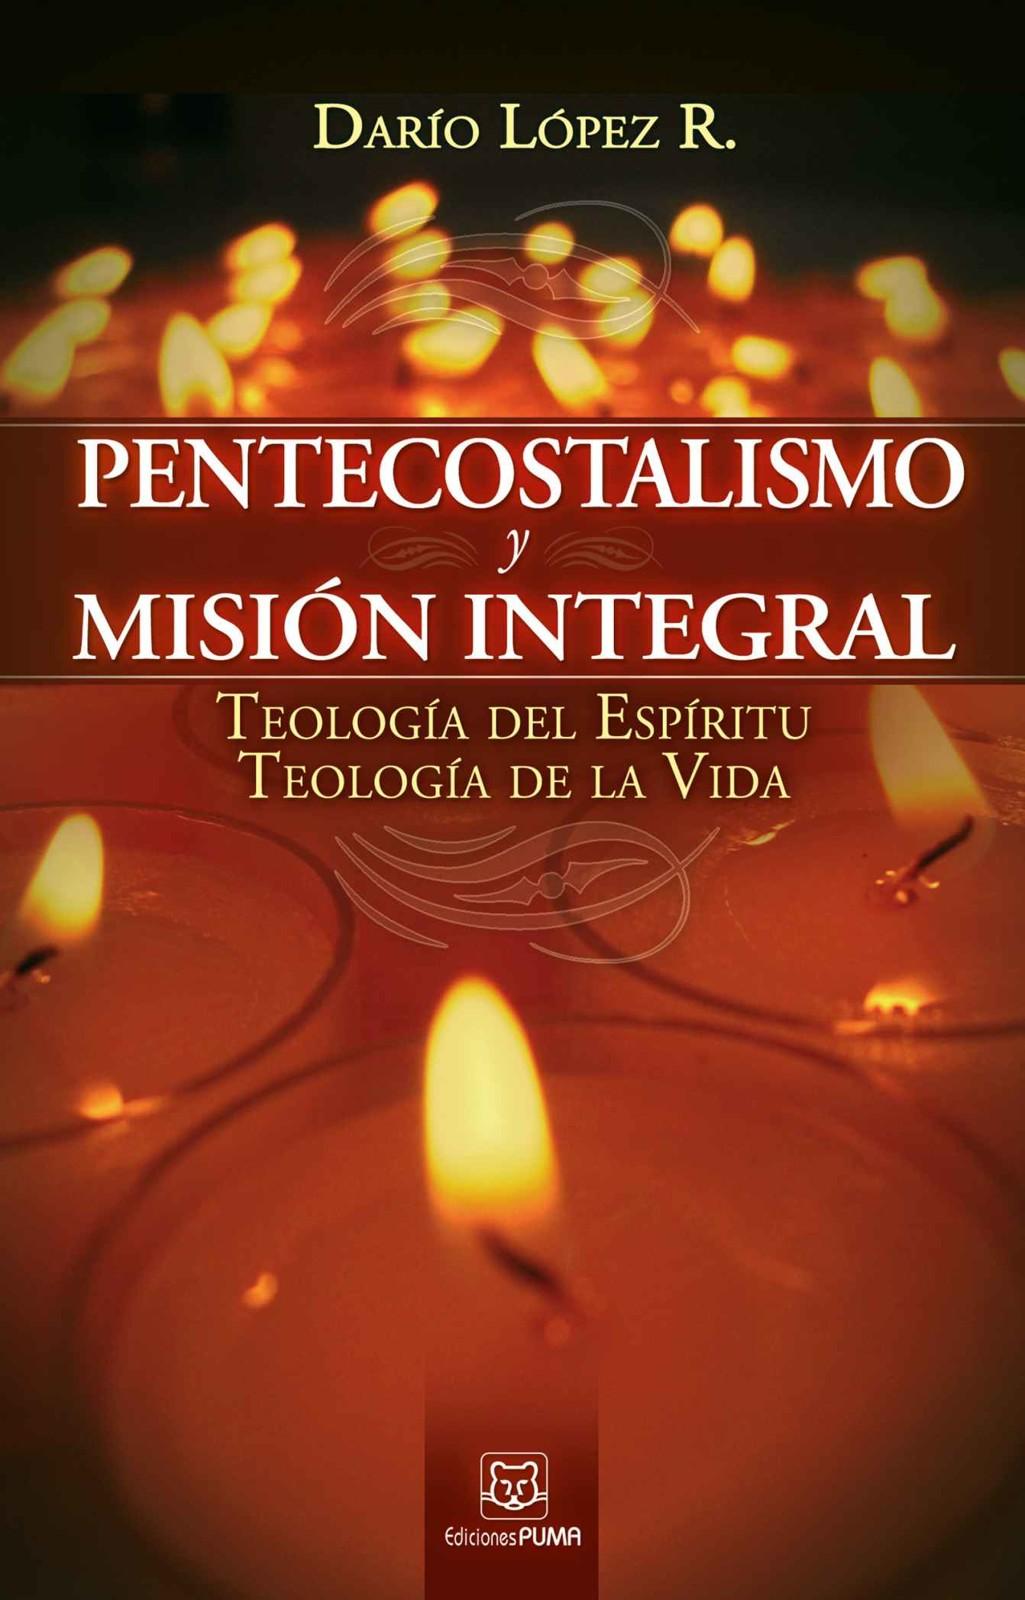 Pentecostalismo y Misión Integral Dario López Rodríguez